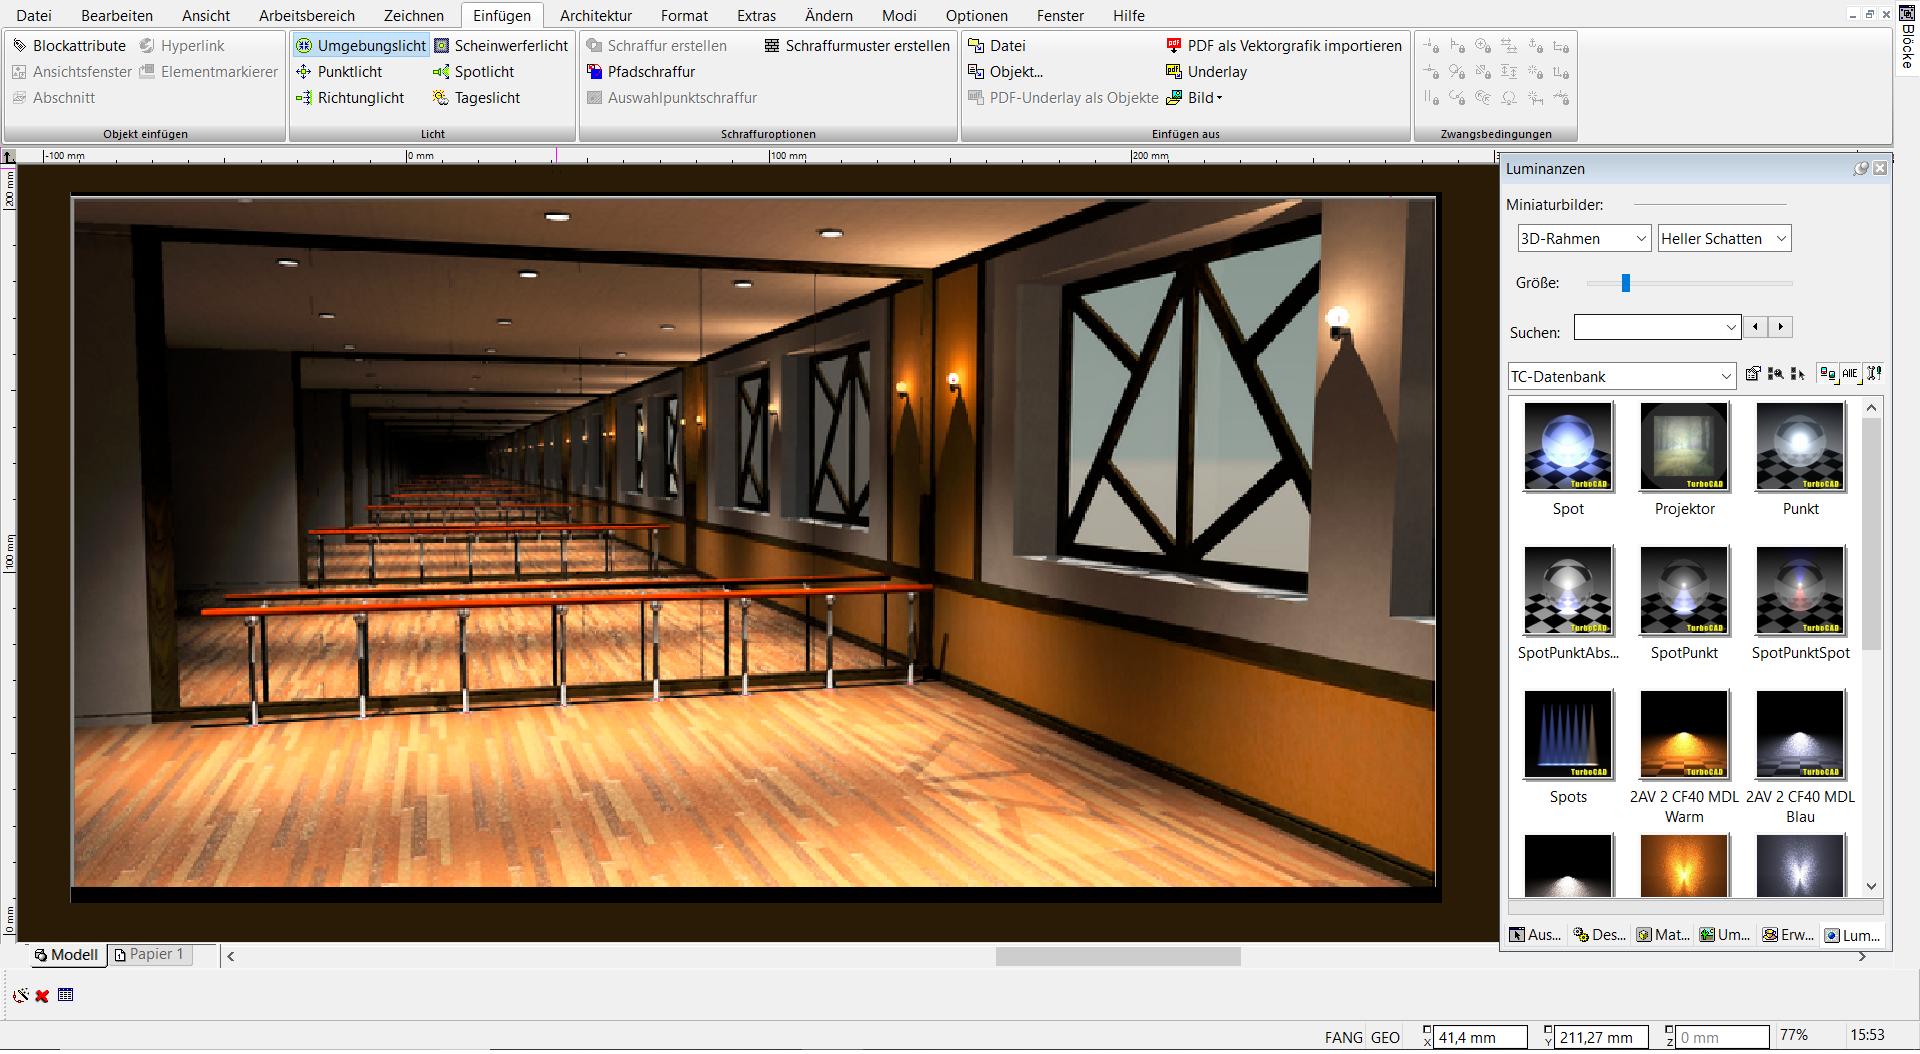 TurboCAD 2D 3D - Rendern und Visualisieren